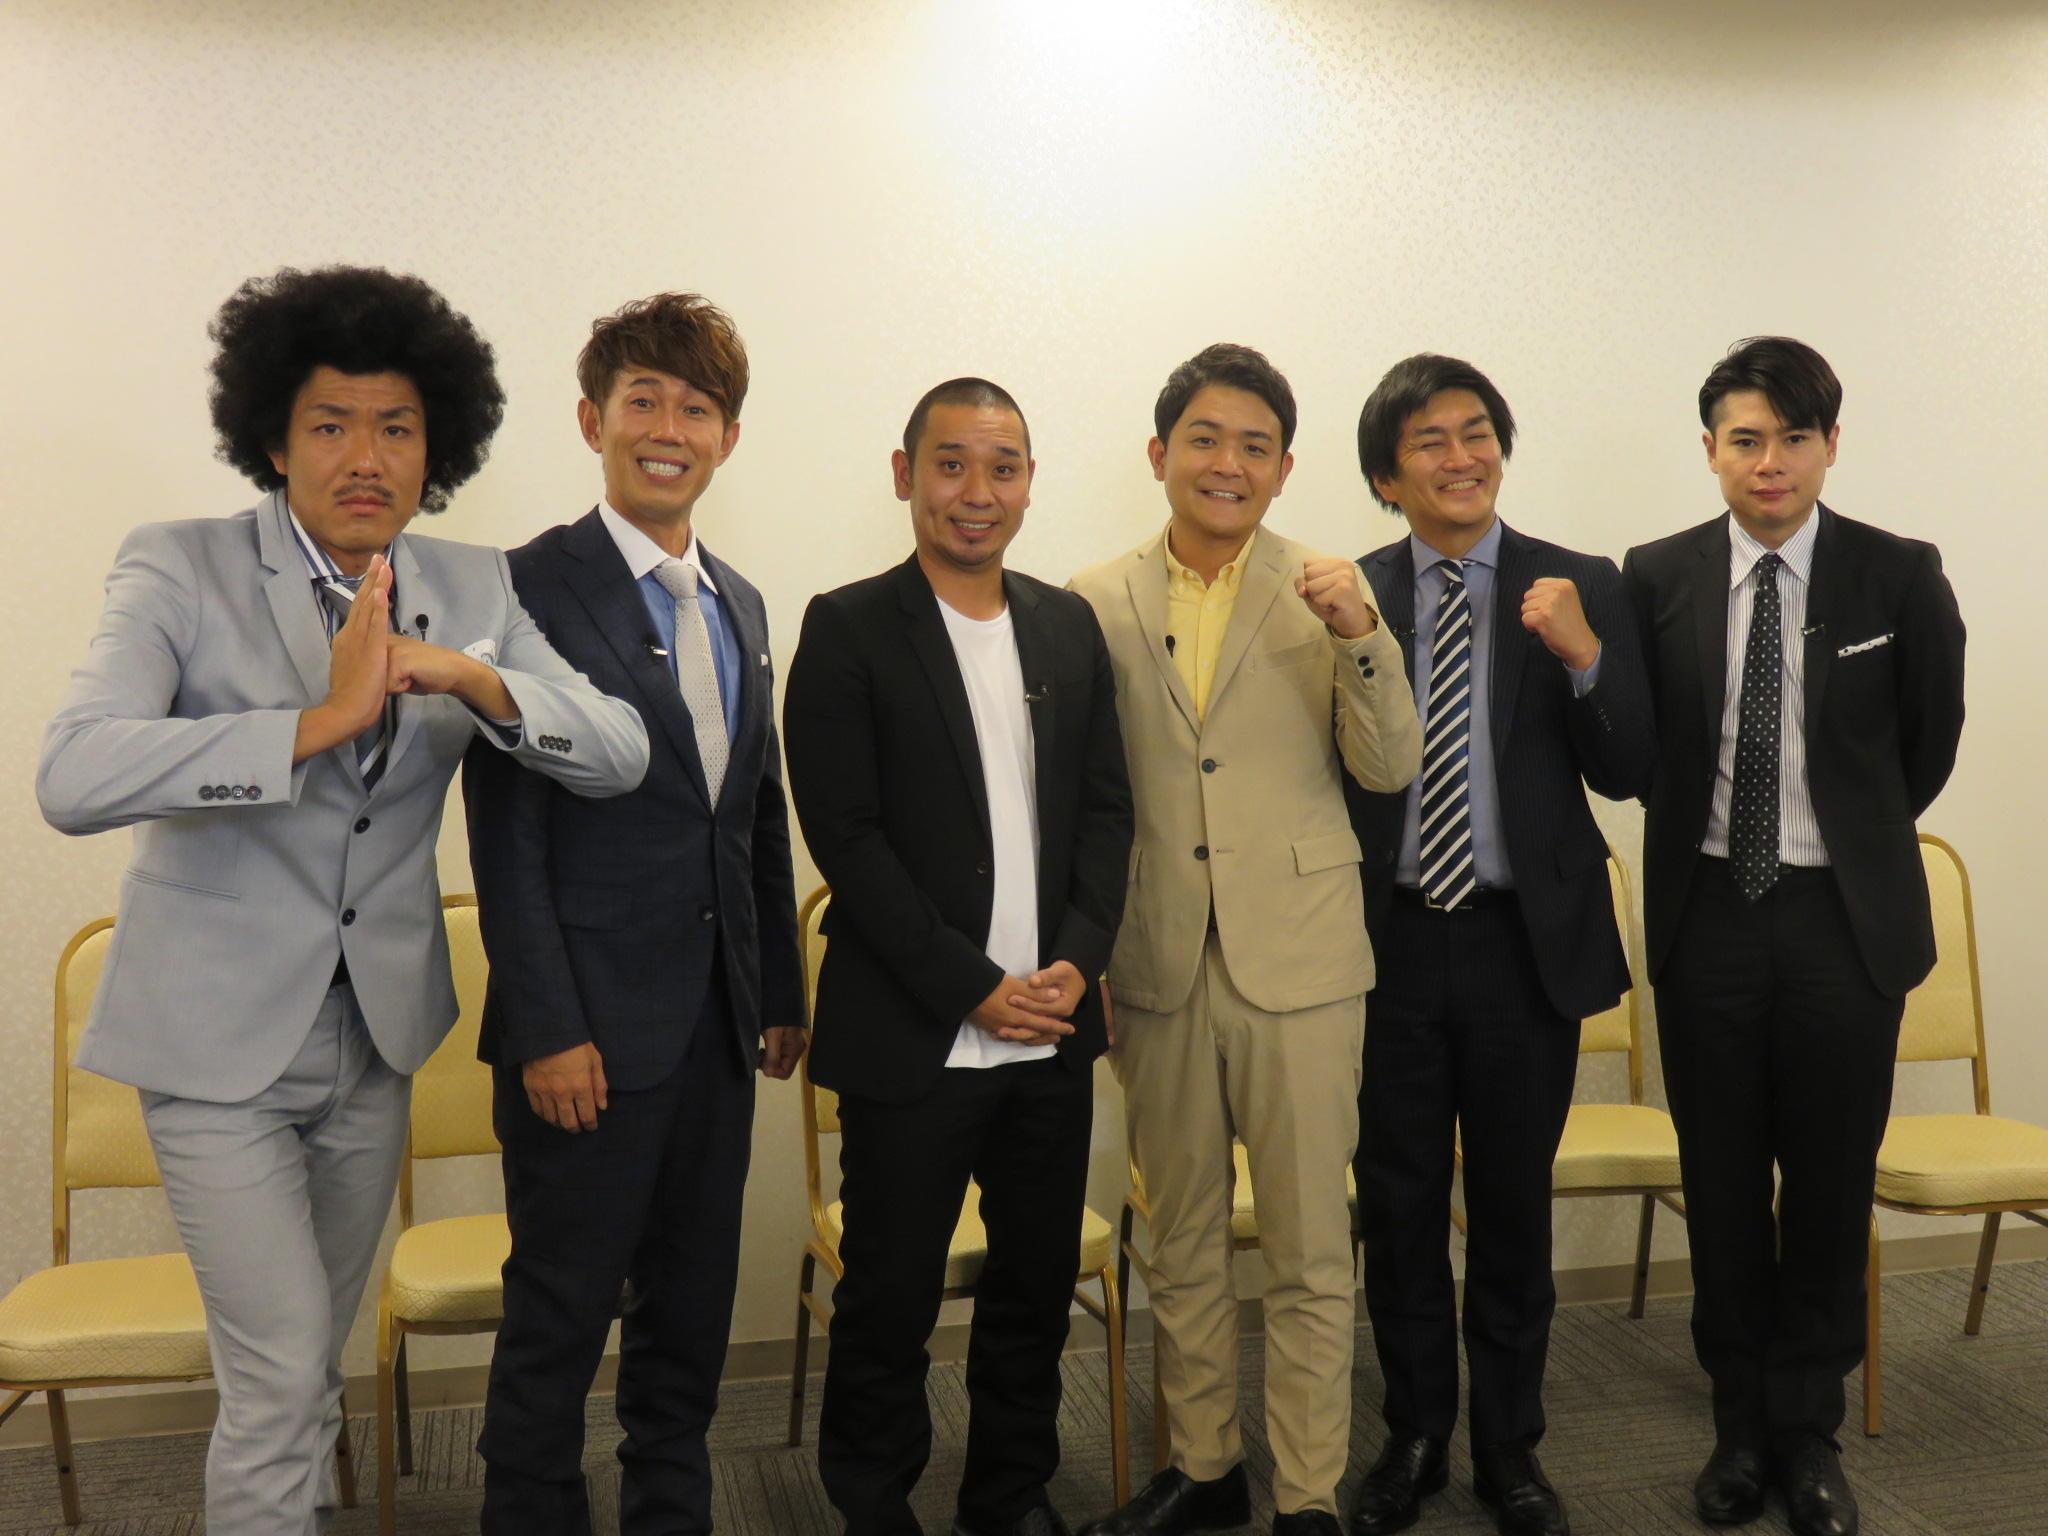 http://news.yoshimoto.co.jp/20170810222249-4c0dda89e1f4a747e3bf478b84a99a89b0ce6afb.jpg